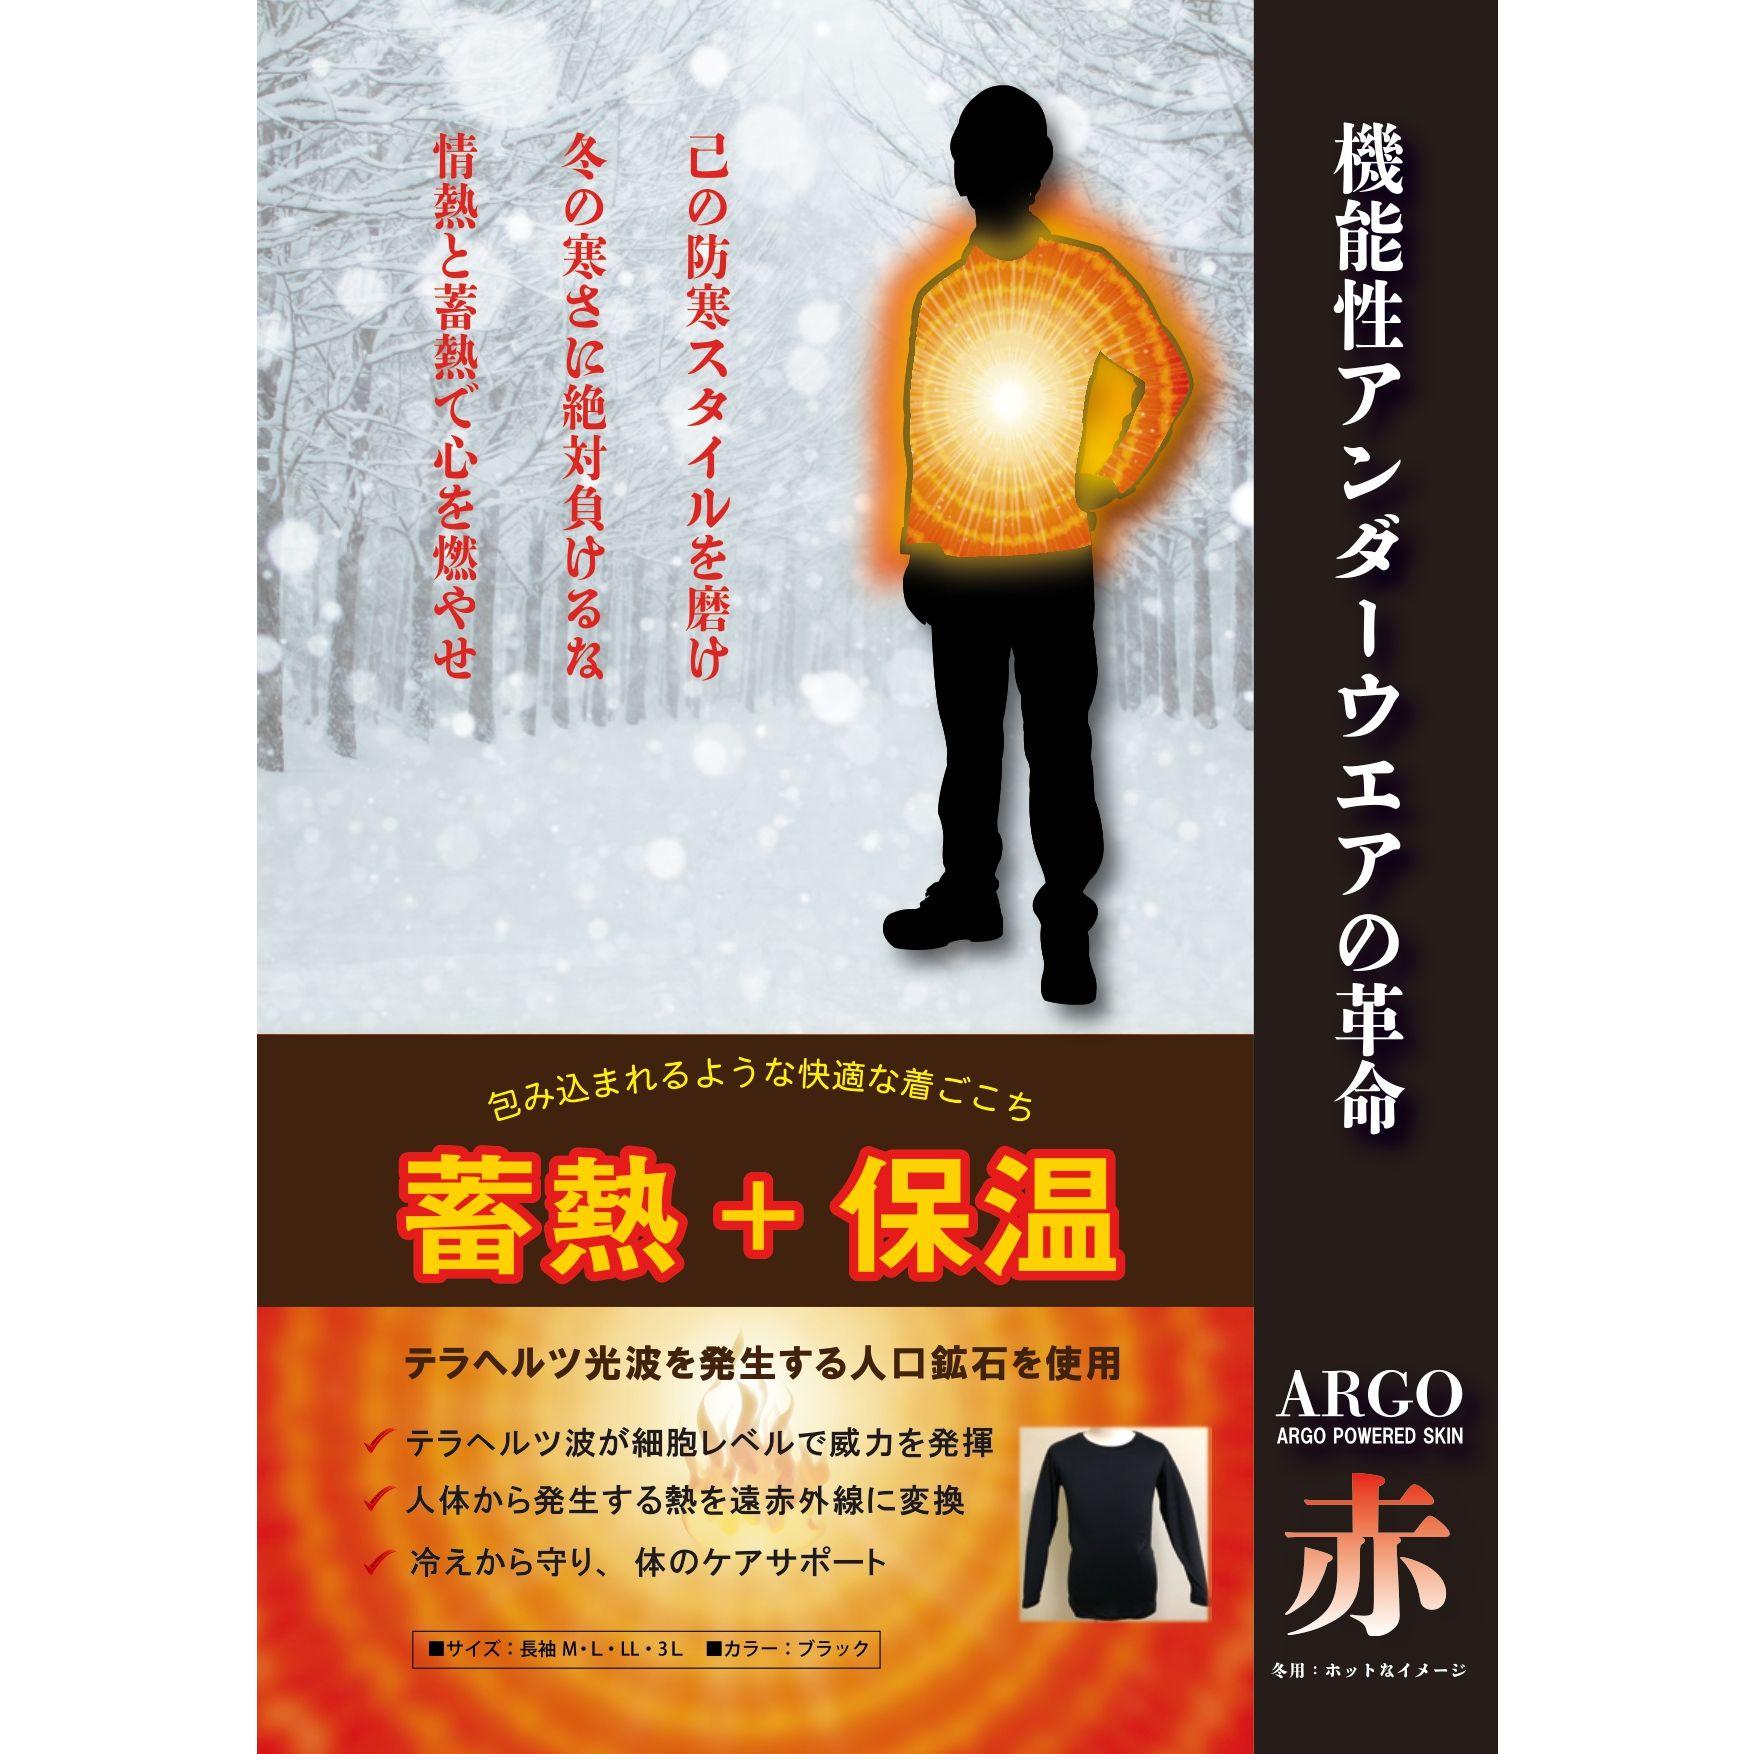 おかげさまで大好評発売中!防寒機能性アンダーウェア『ARGO赤』